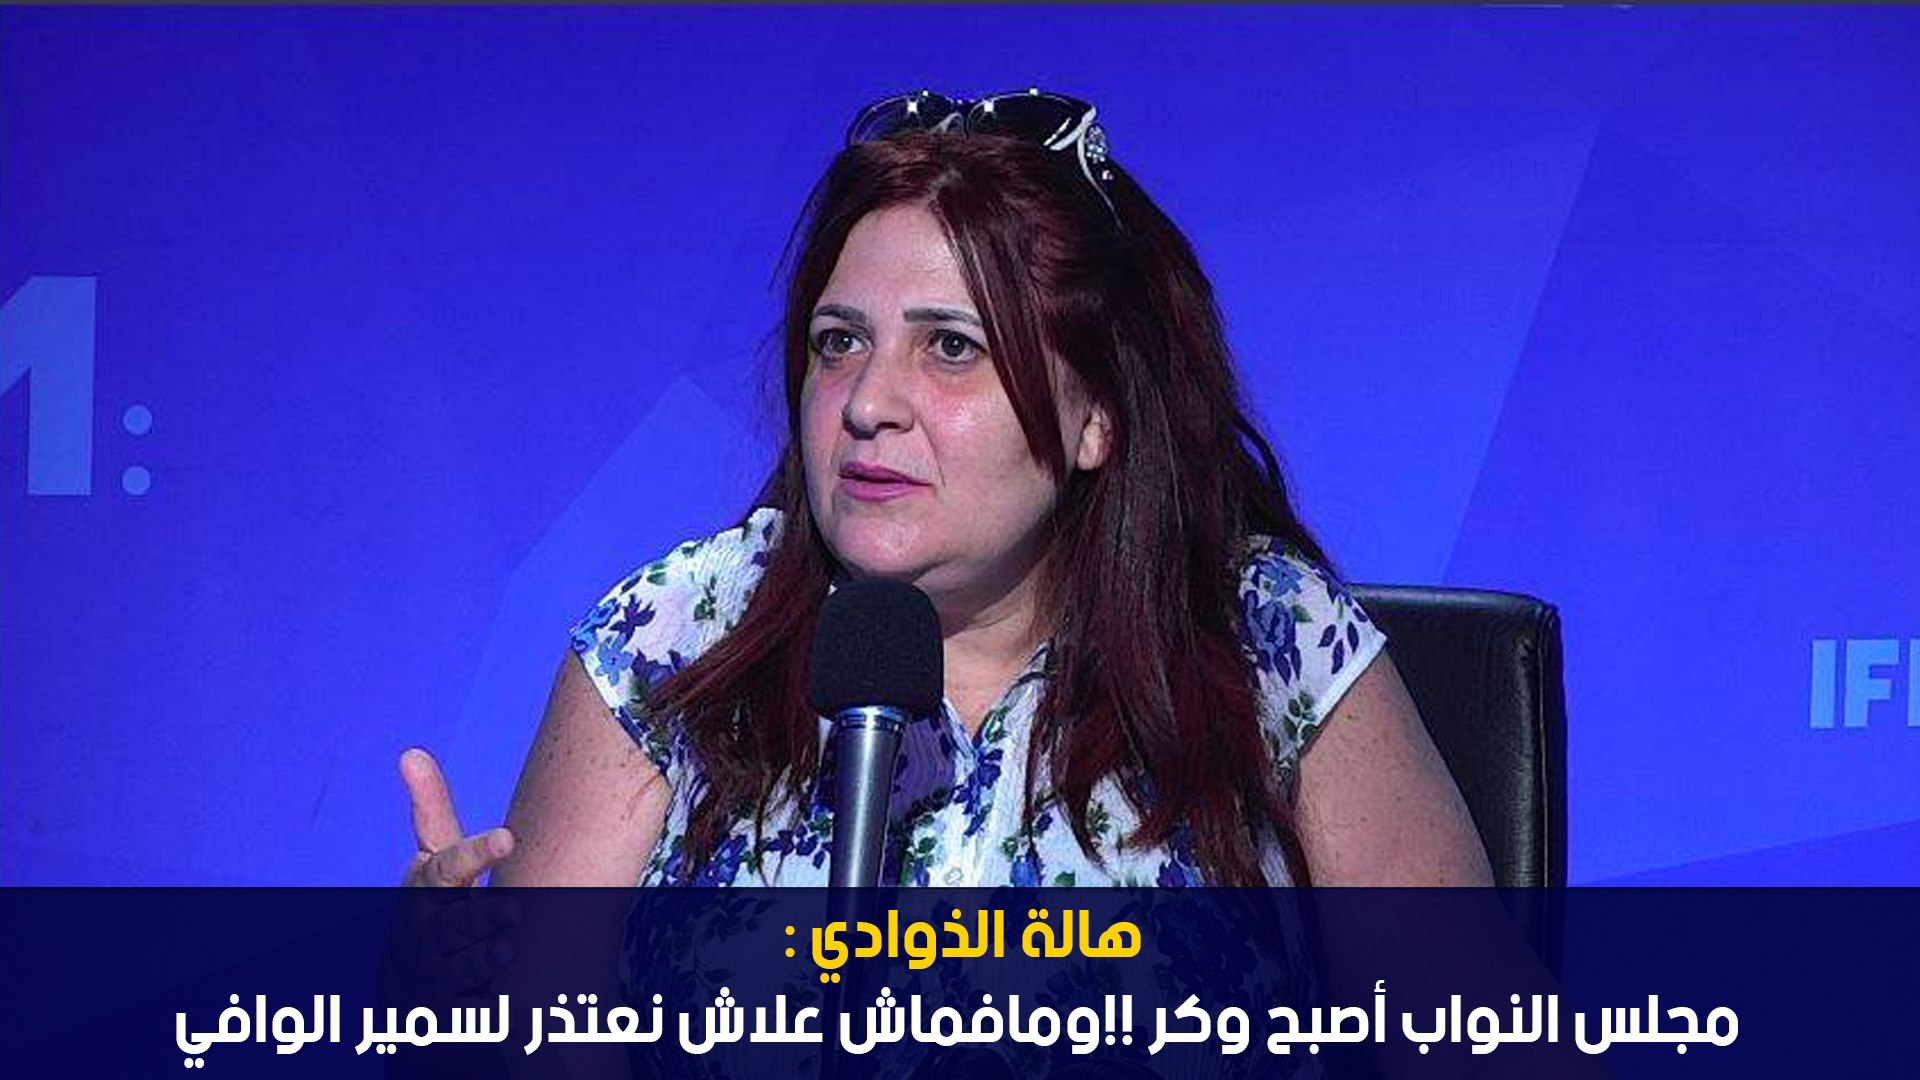 هالة الذوادي:مجلس النواب أصبح وكر !!ومافماش علاش نعتذر لسمير الوافي